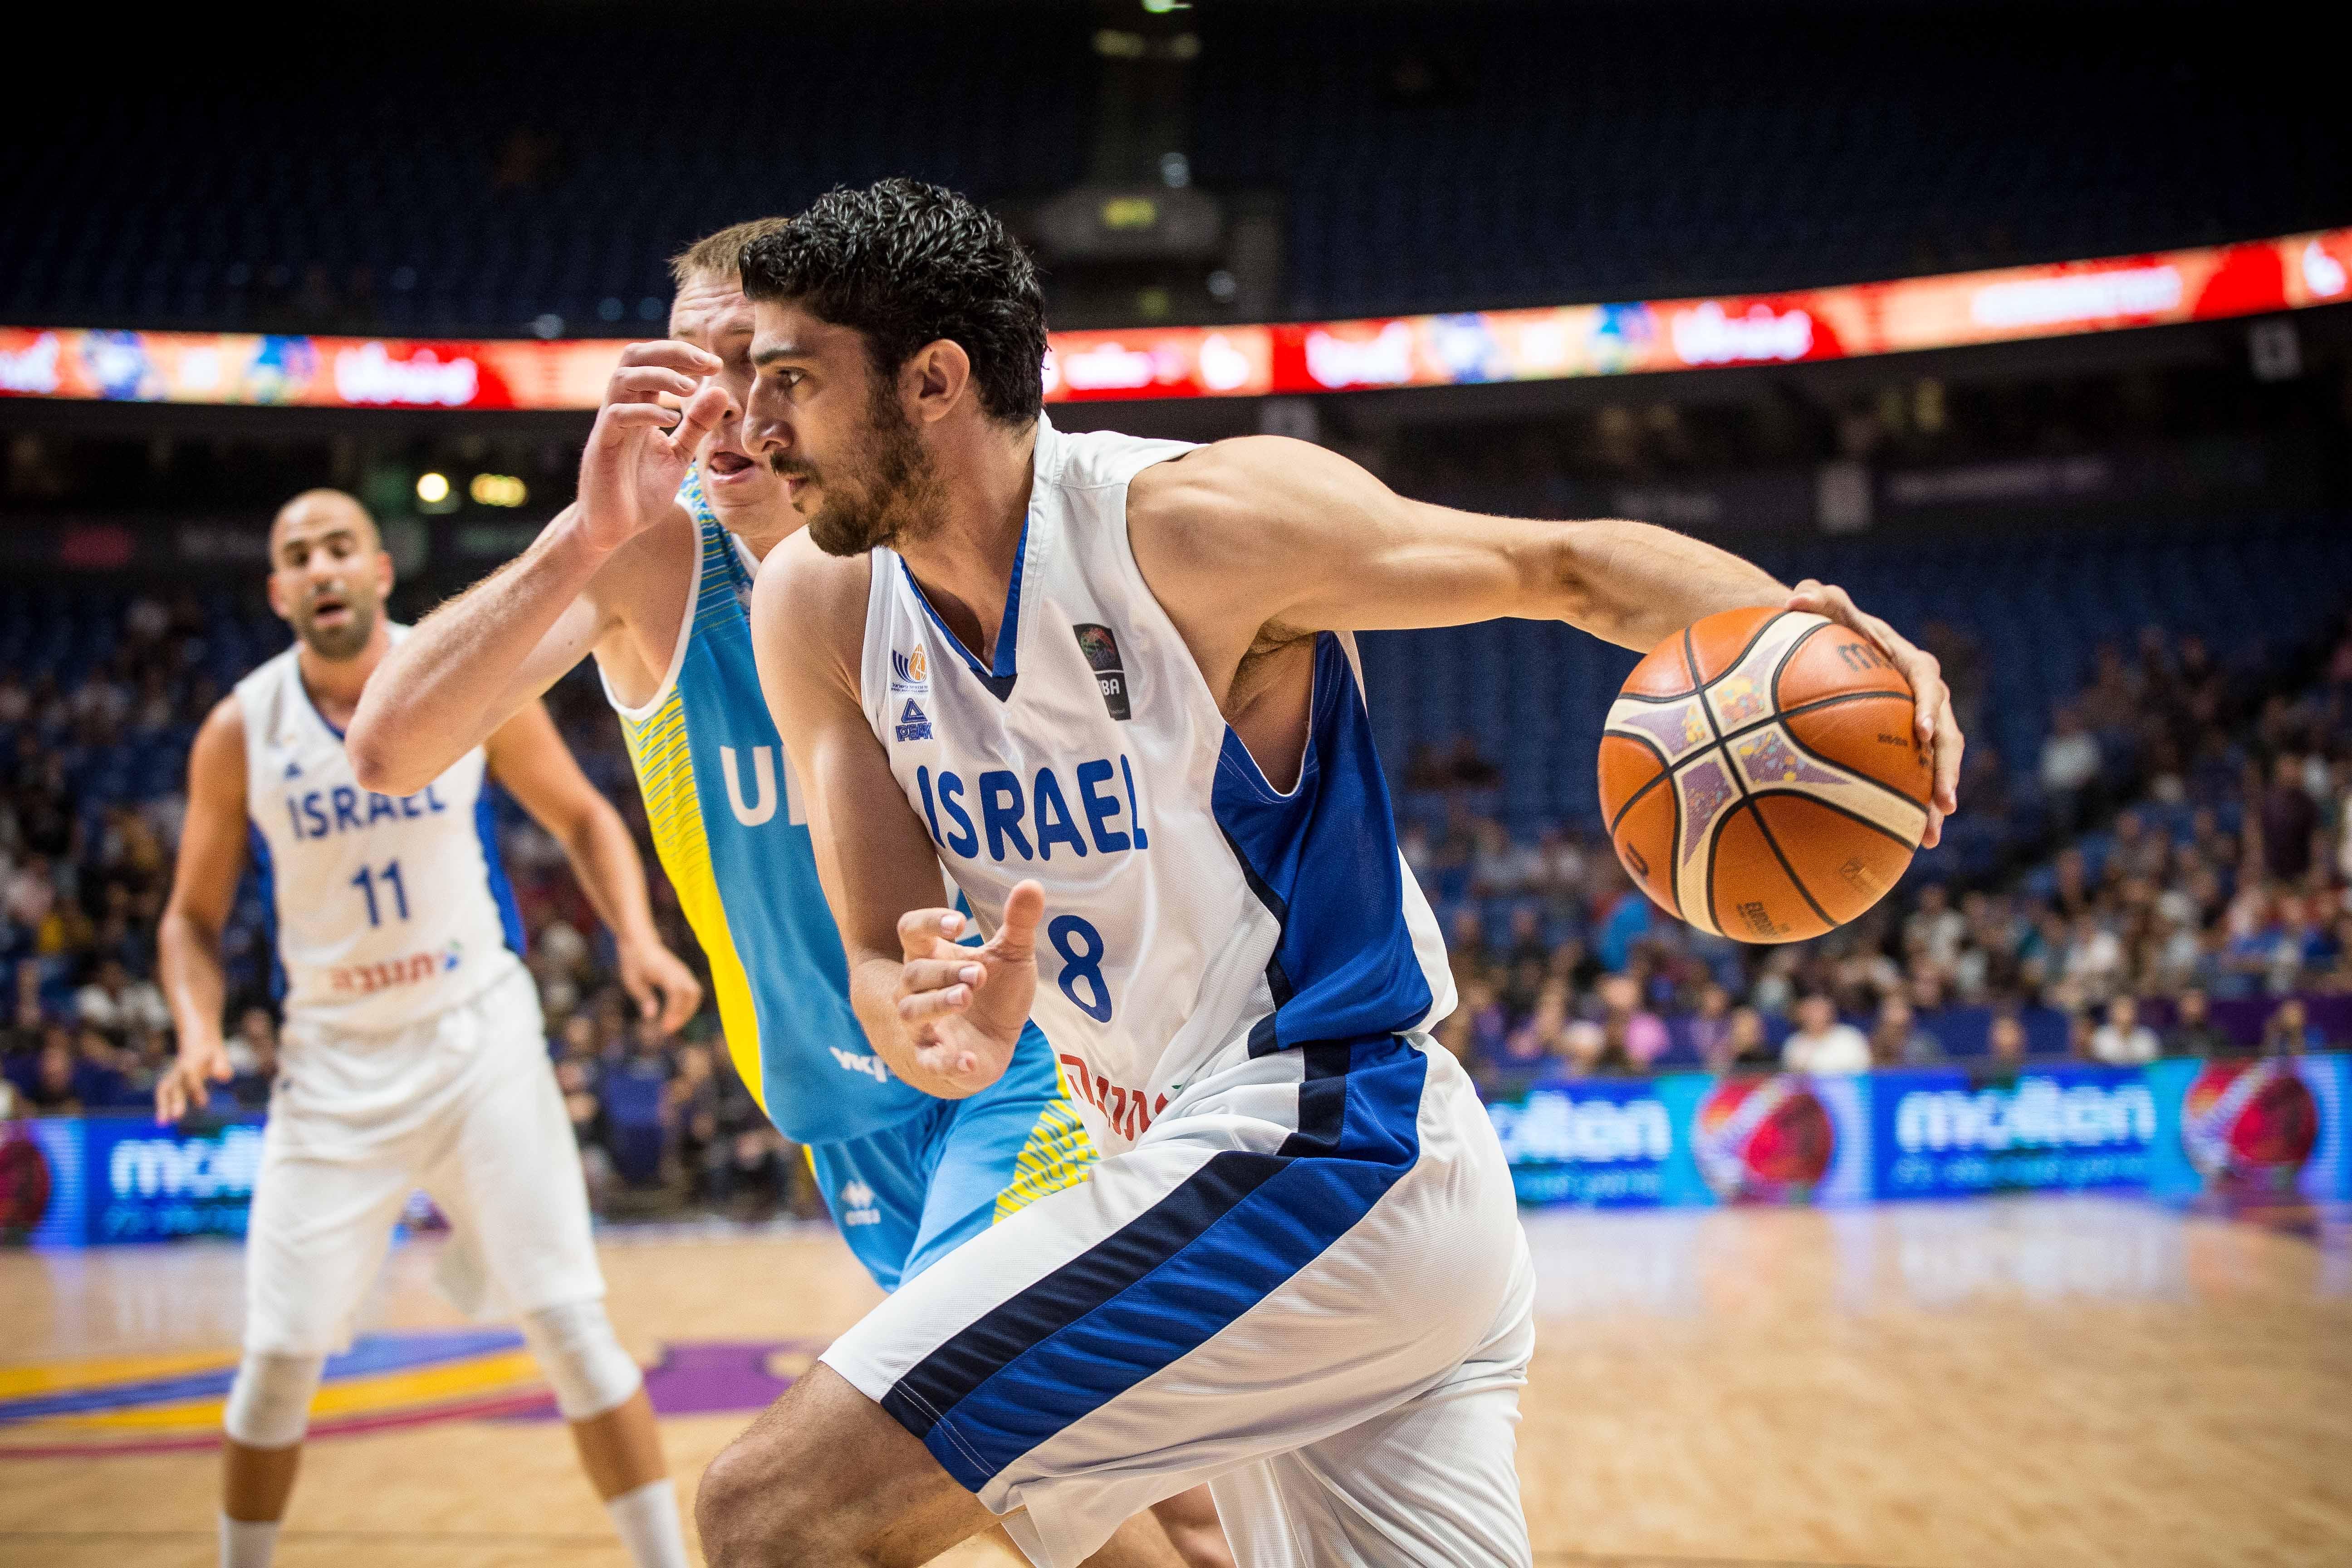 ישראל סגרה את היורובאסקט עם הפסד 88-64 לאוקראינה, שעלתה שלב